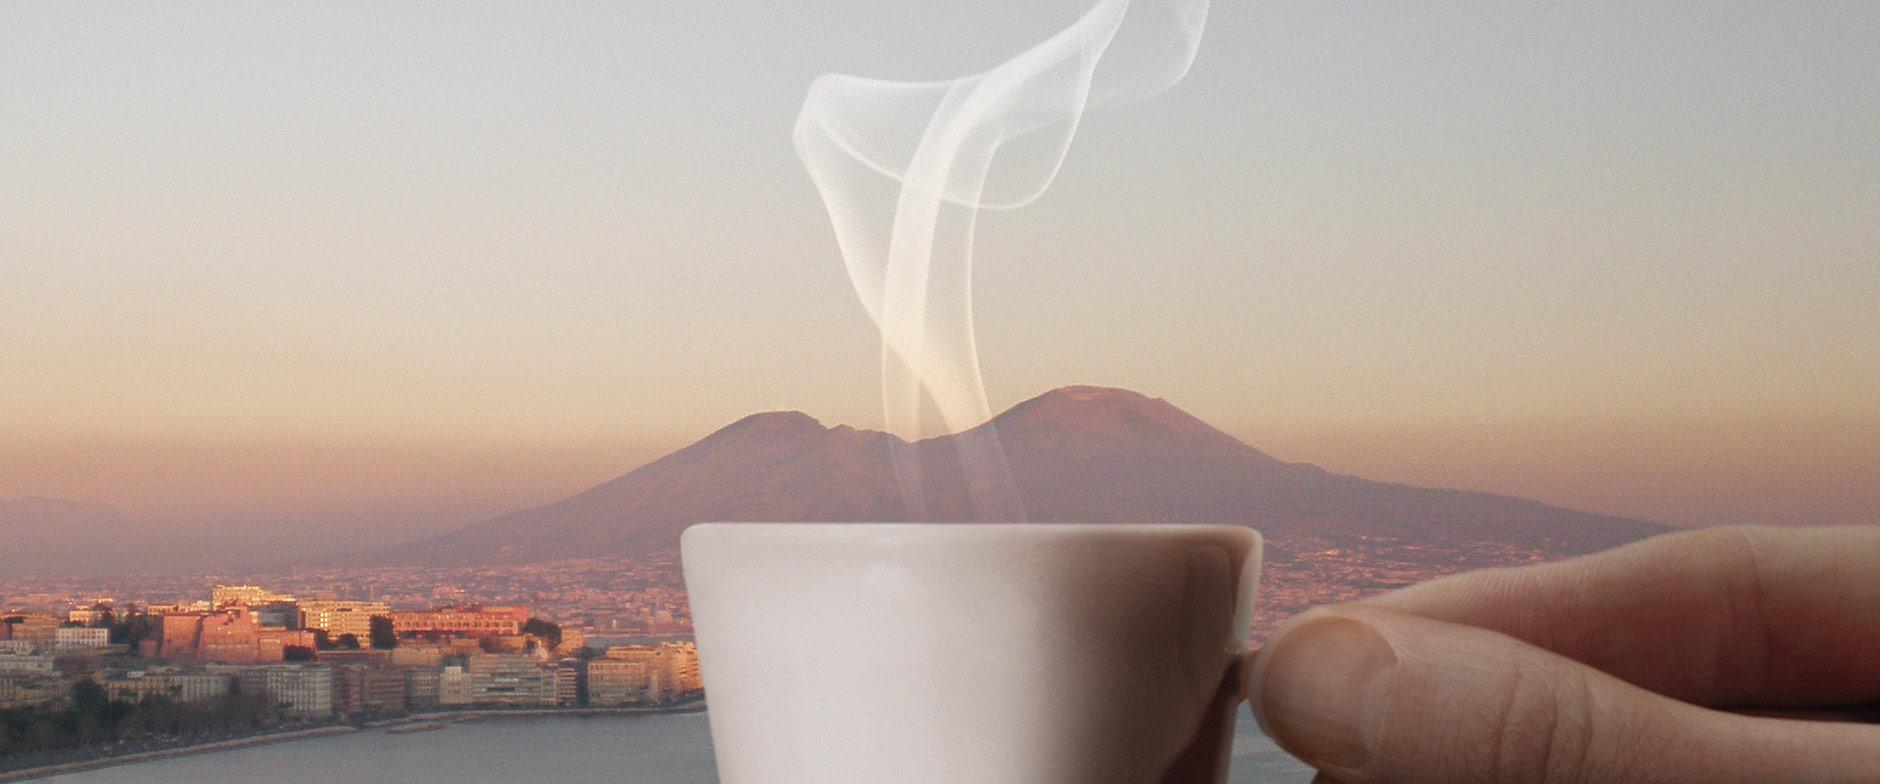 Kimbo espresso coffee - Crete